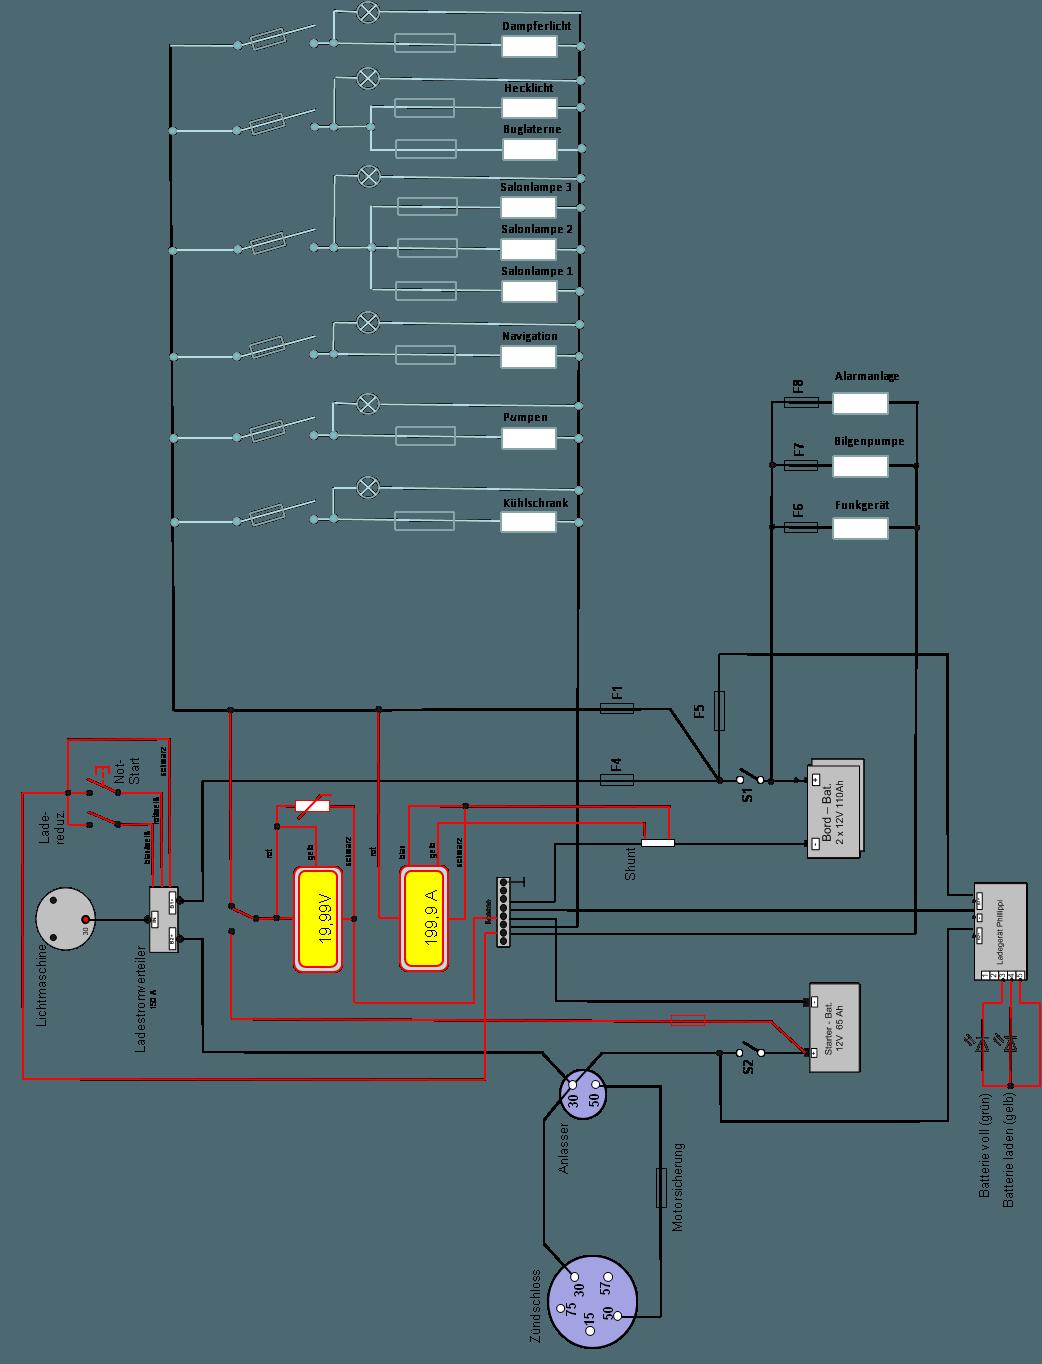 Ungewöhnlich 2 12 Volt Batterie Boot Schaltplan Zeitgenössisch - Der ...